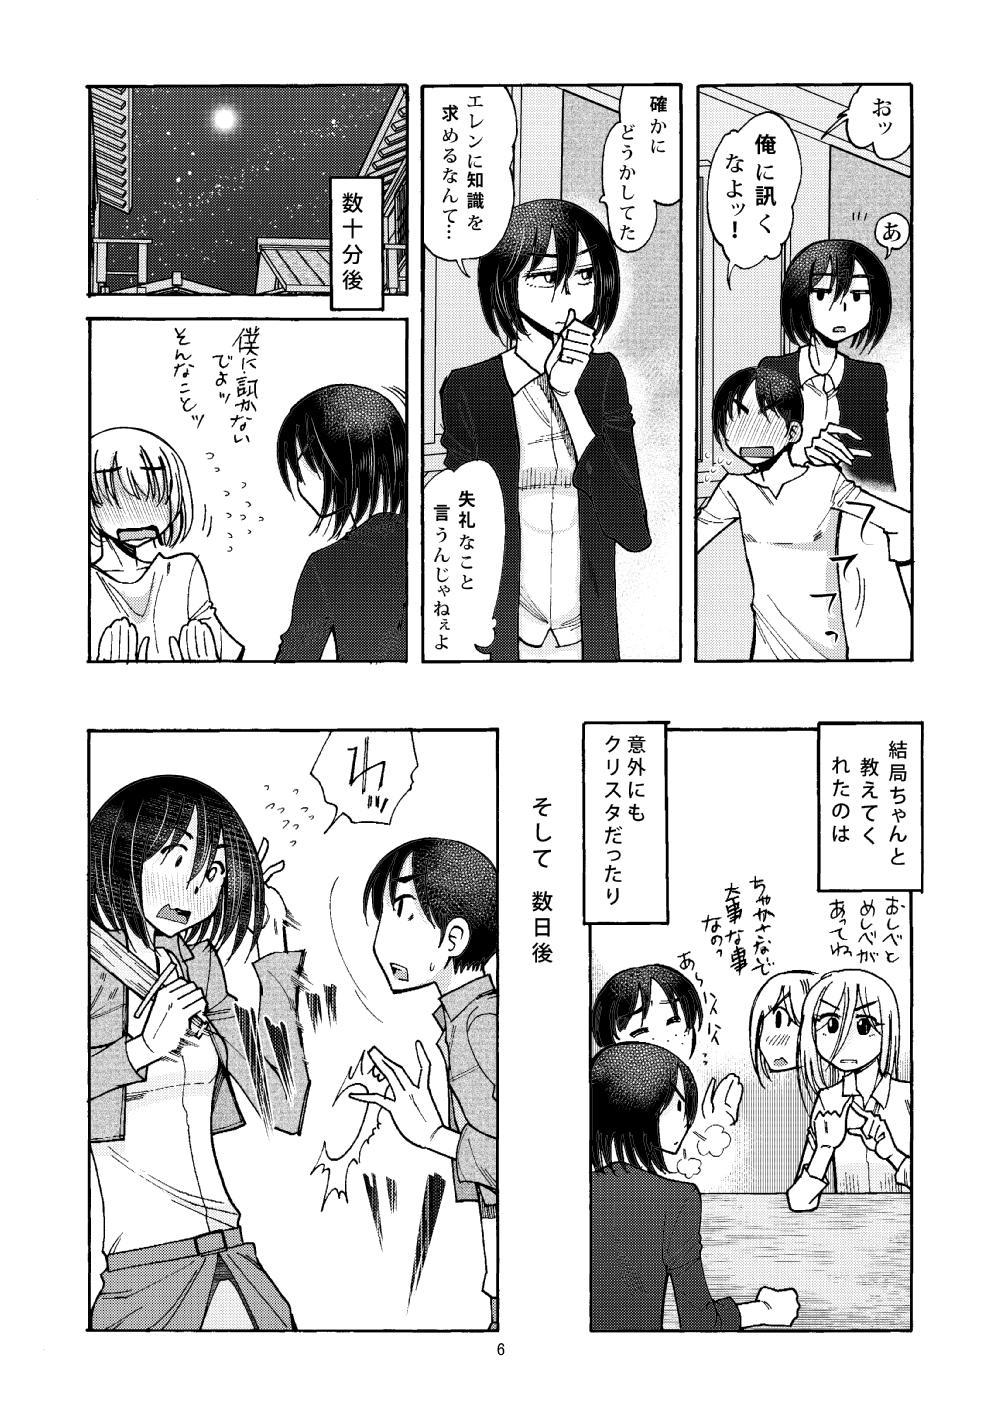 Watashi wa Eren ga Suki. Eren wa Watashi ga Suki. Nani mo Mondai wa Nai 4